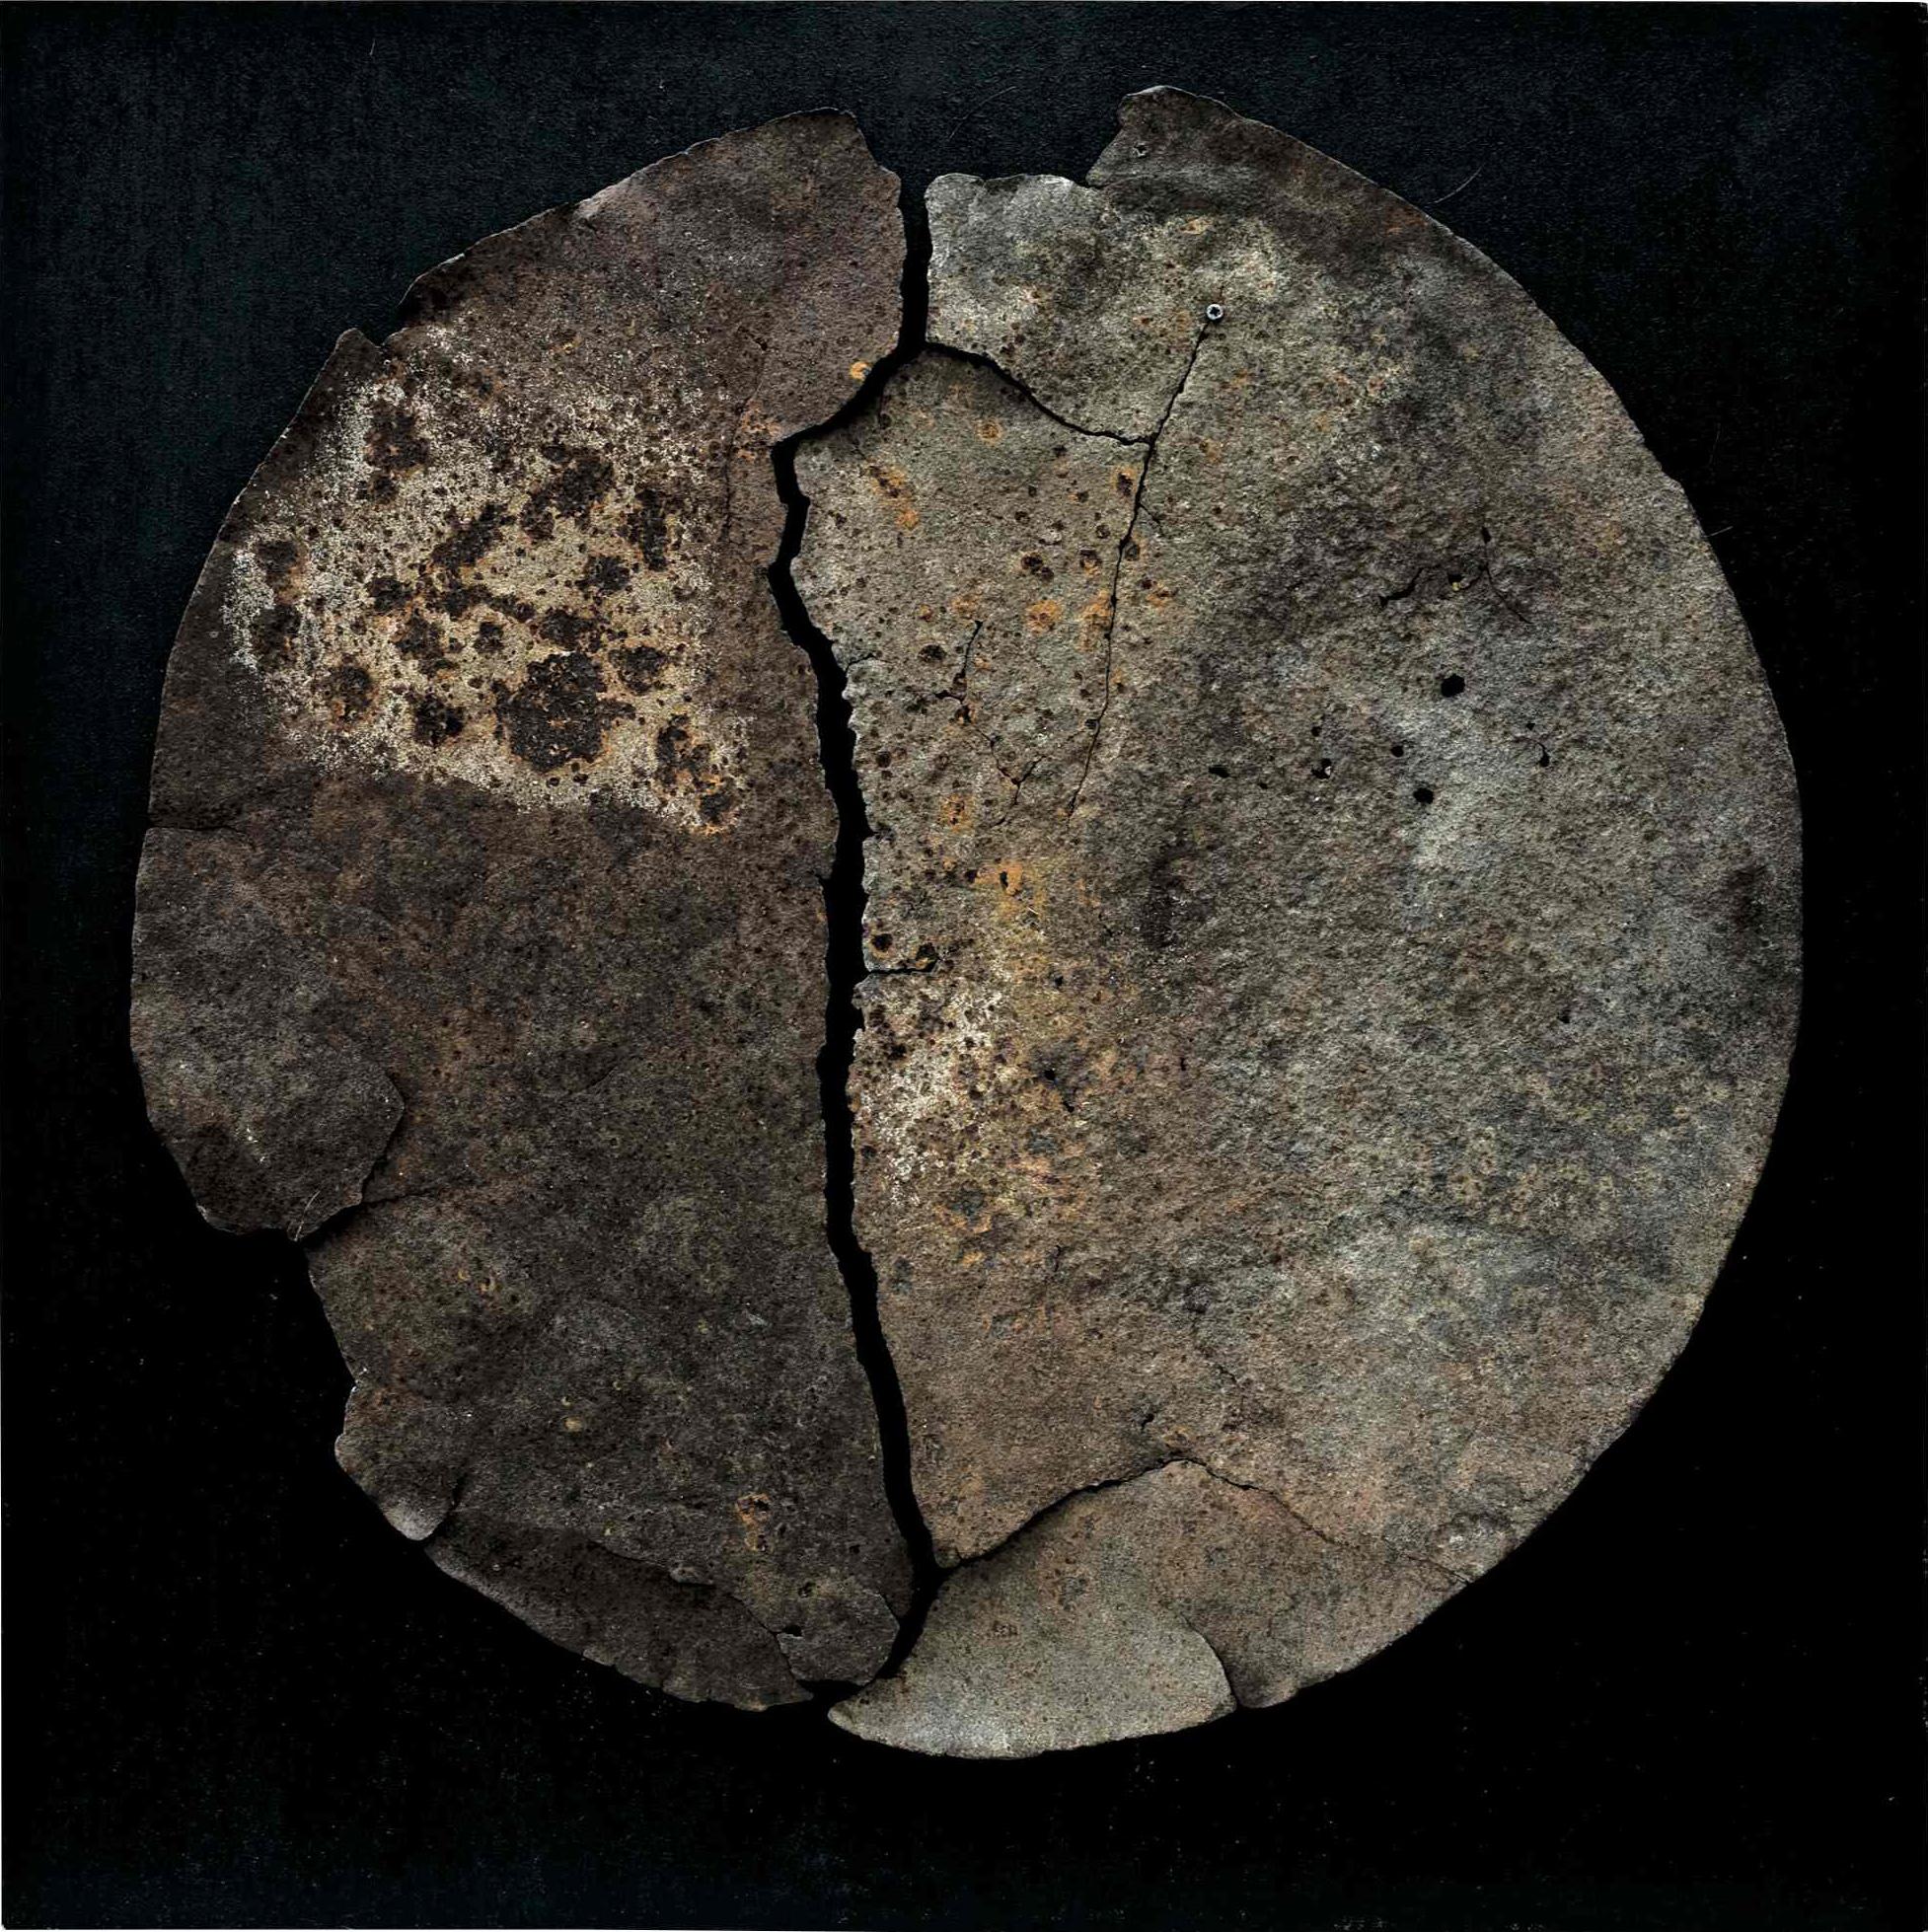 Il disgregarsi della materia 2, ferro combusto su tavola e copertura in plexiglas, 64x64, 2007